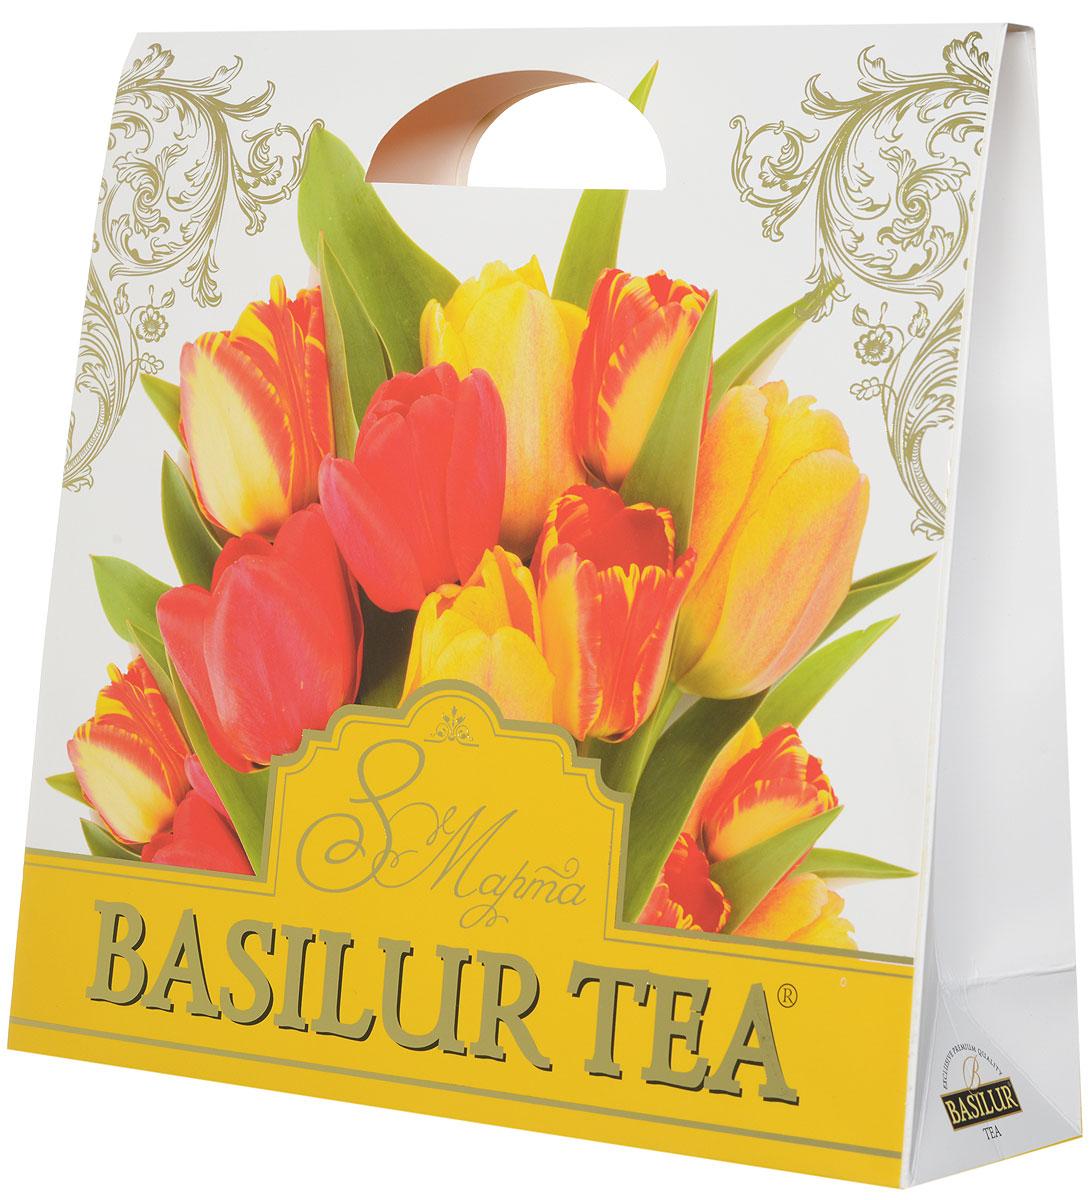 Basilur Подарочный набор Красочный зеленый ягодный чай Париж и салфетка для дома в подарок, 100 г basilur чайный набор букет белое волшебство